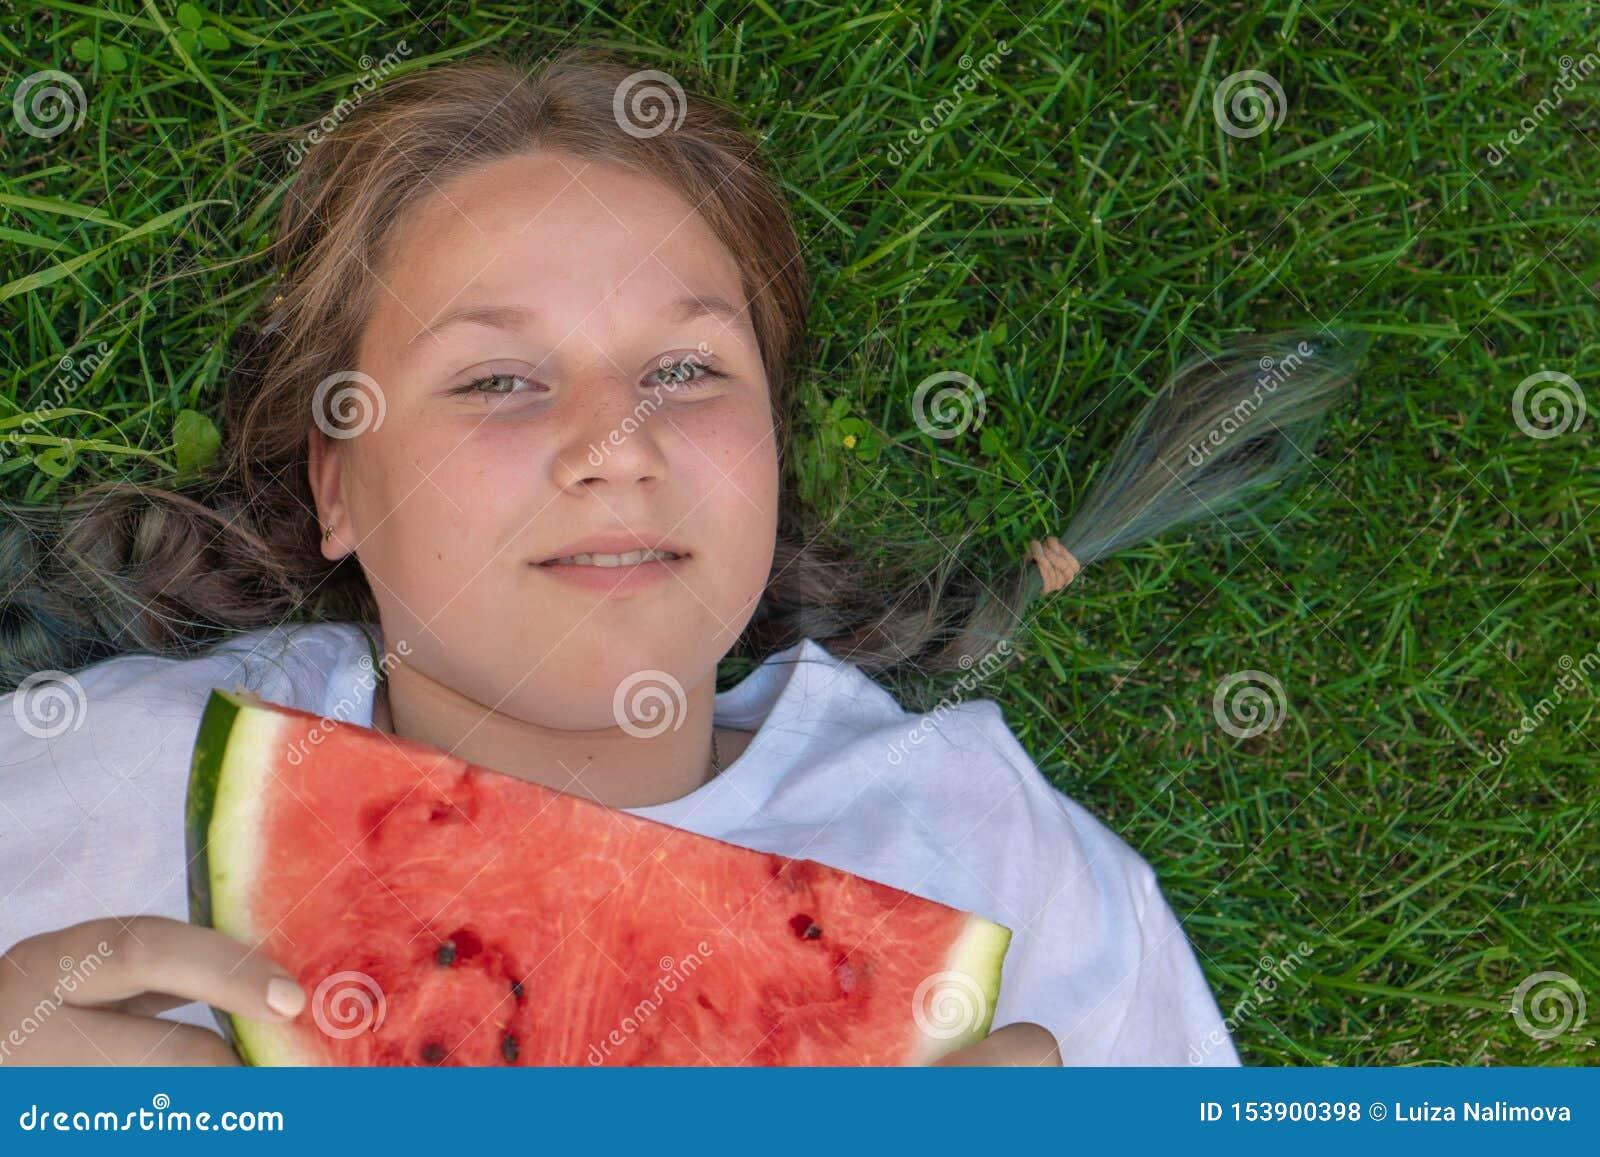 Portret van een vet meisje van 13 jaar oud wie op het gras met een watermeloen in haar handen ligt